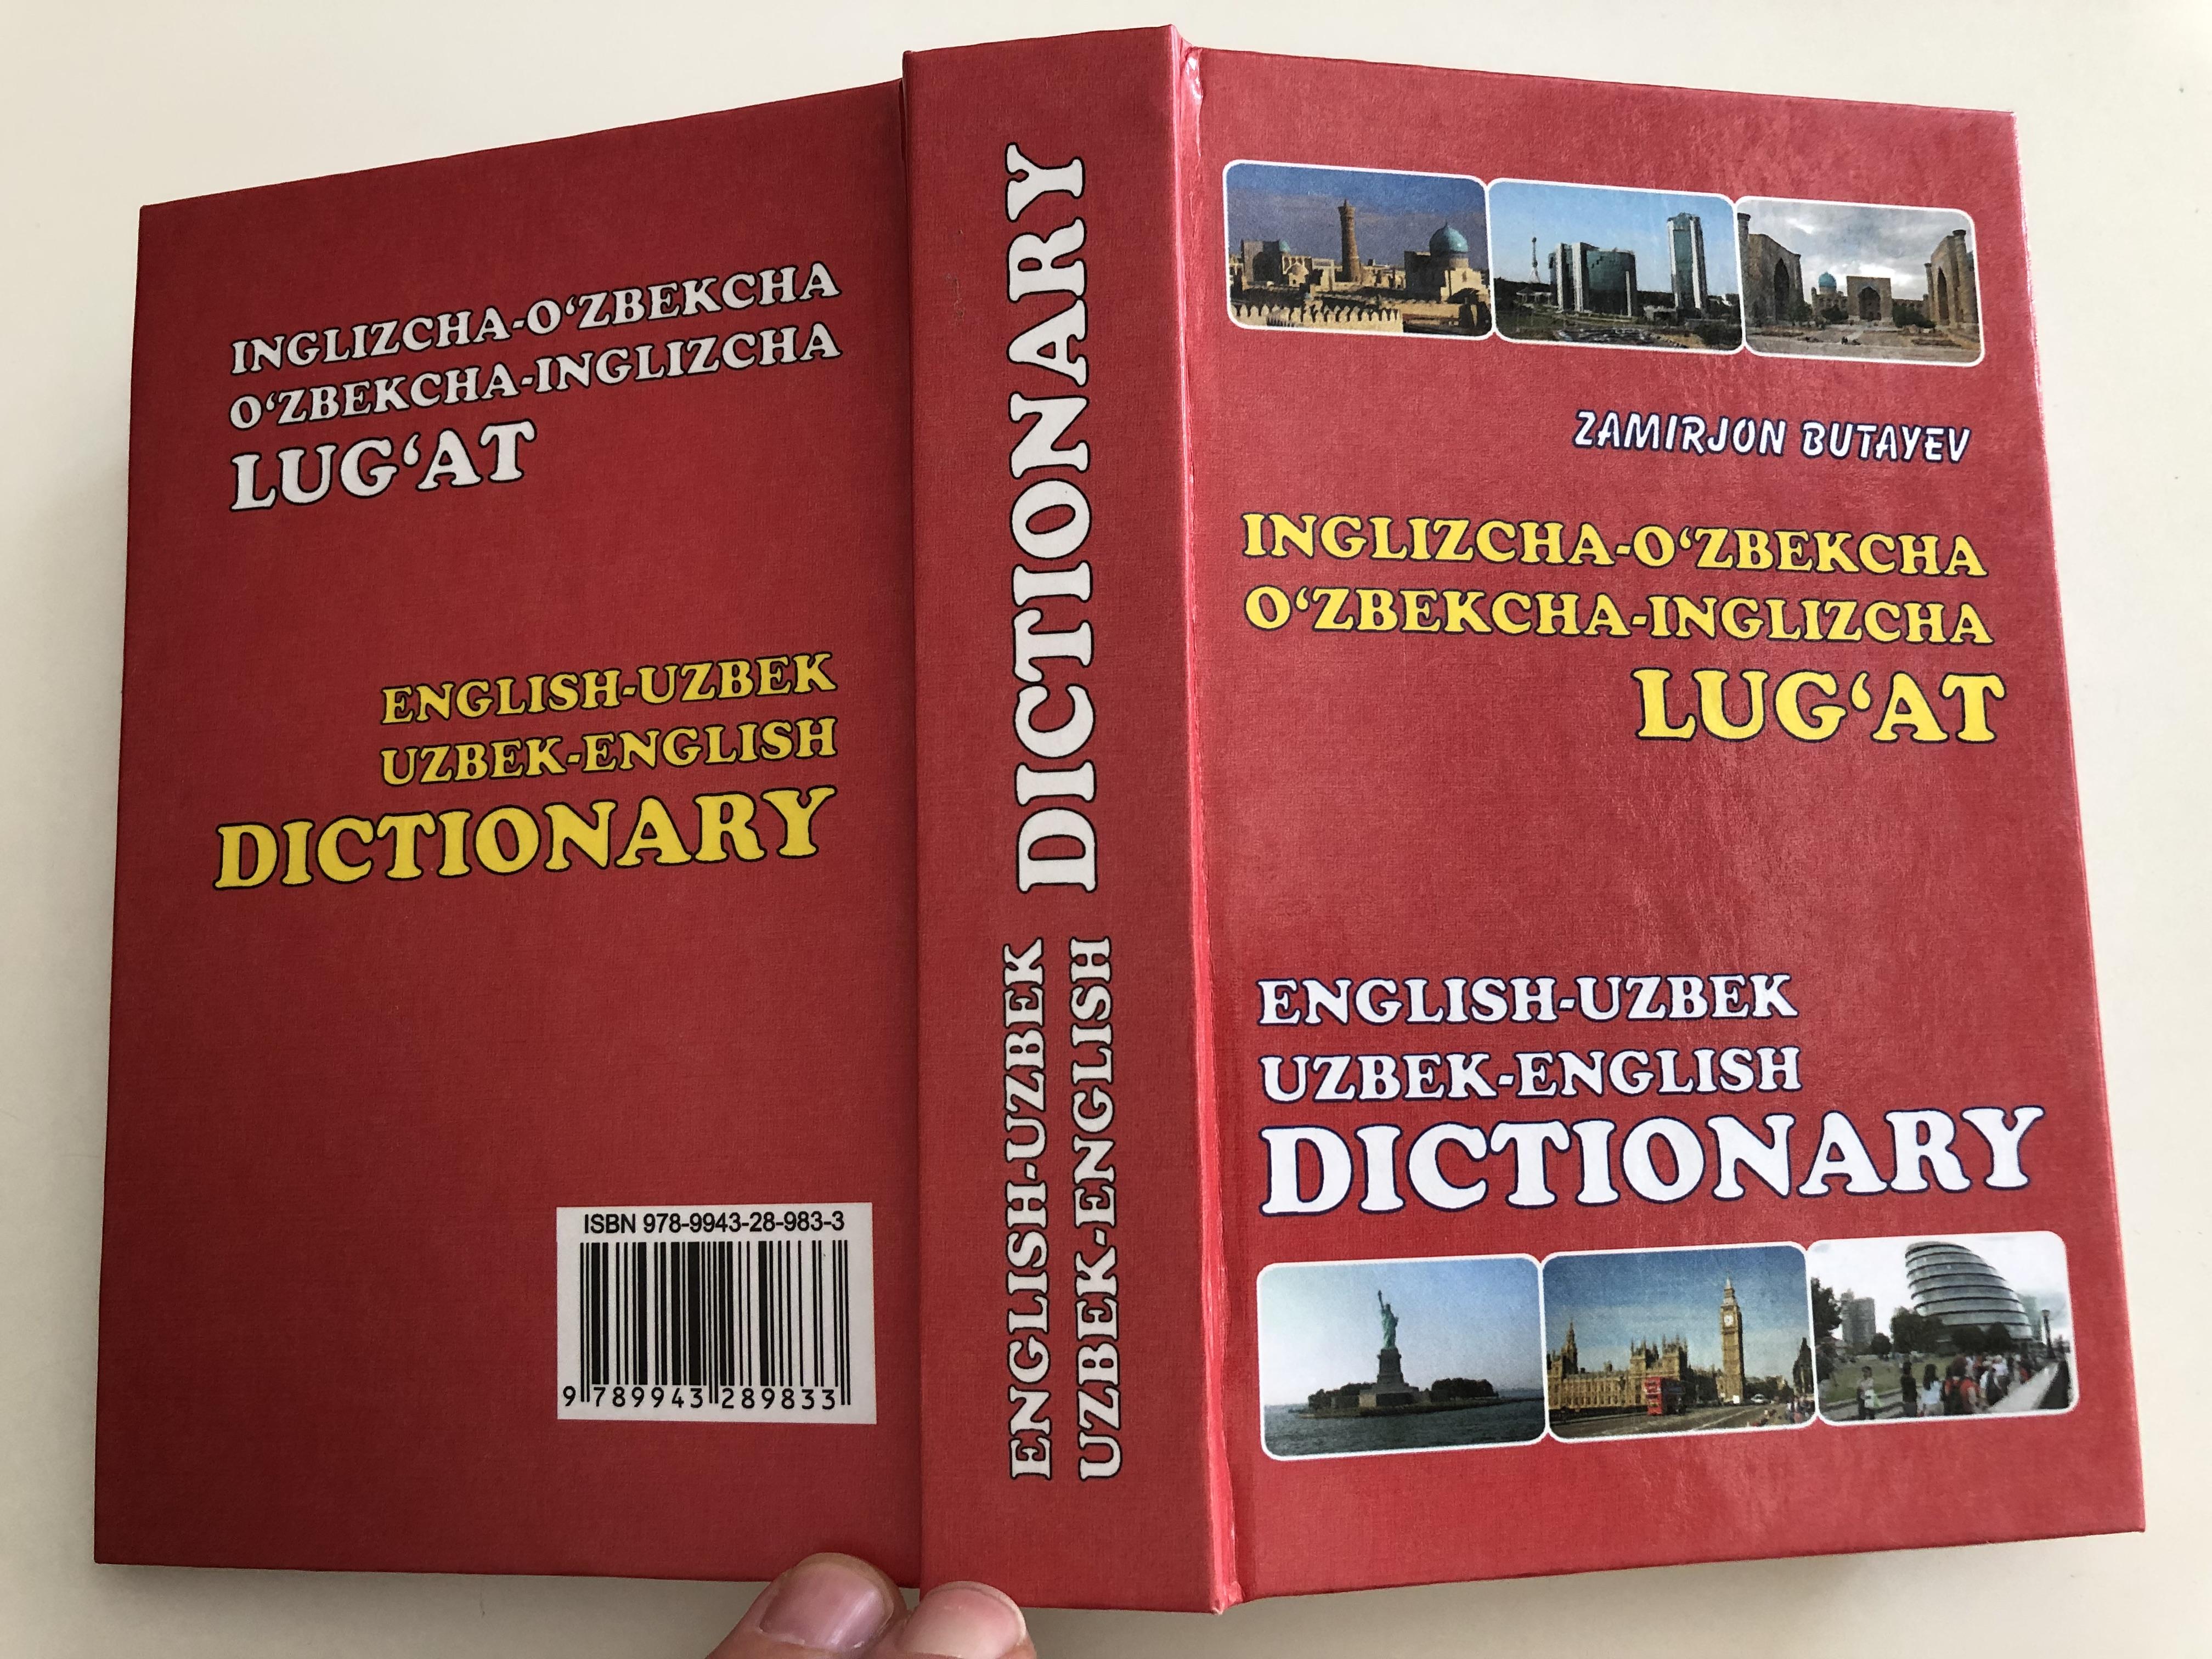 english-uzbek-uzbek-english-dictionary-by-zamirjon-butayev-inglizcha-o-zbekcha-o-zbekcha-inglizcha-lug-at-24000-entries-24000-so-z-toshkent-o-zbekiston-2018-2-.jpg